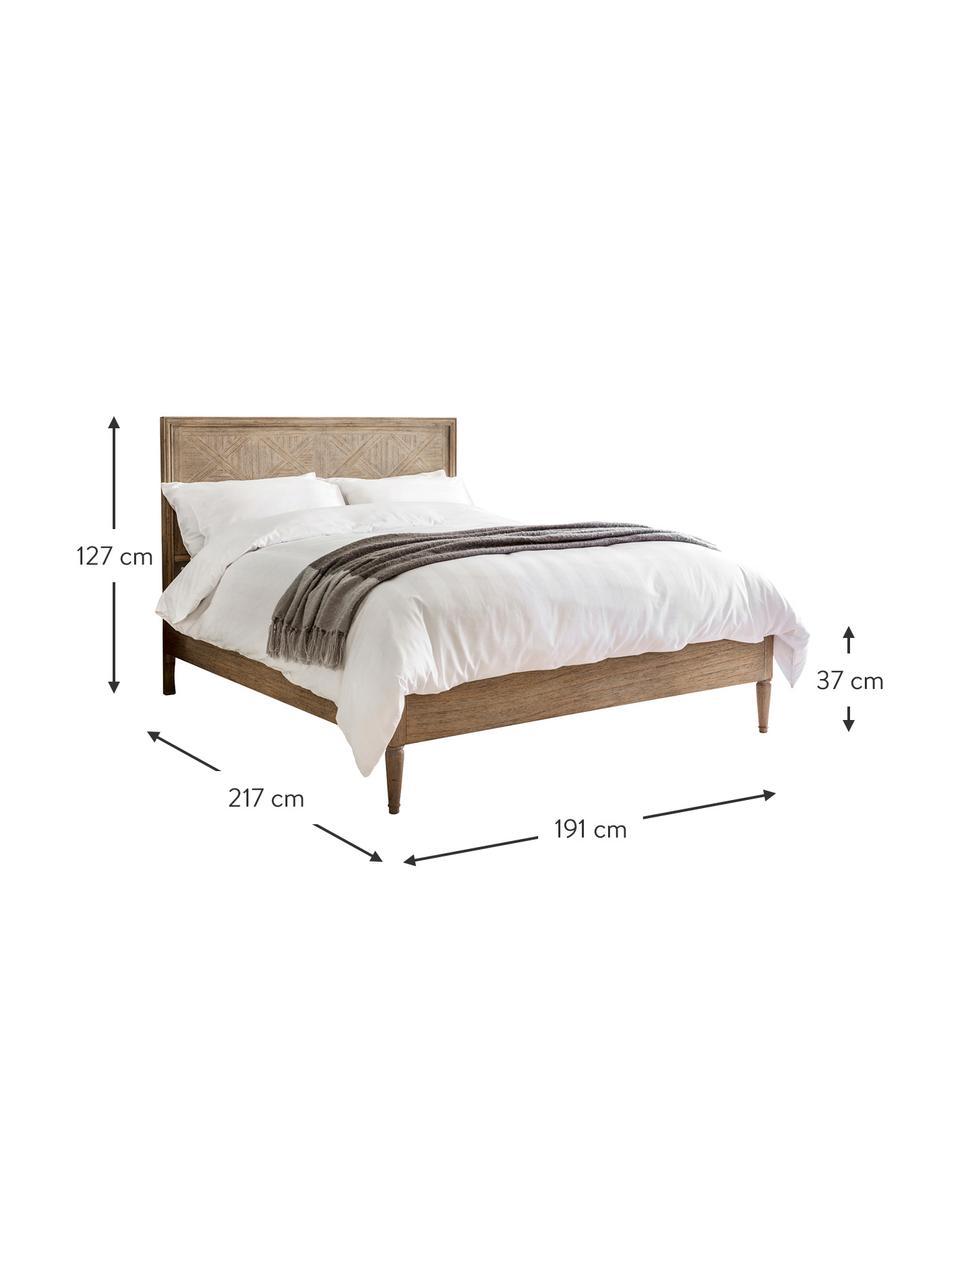 Łóżko z drewna z ozdobnym zagłówkiem Mustique, Korpus: drewno jesionowe, Drewno jesionowe, S 180 x D 200 cm